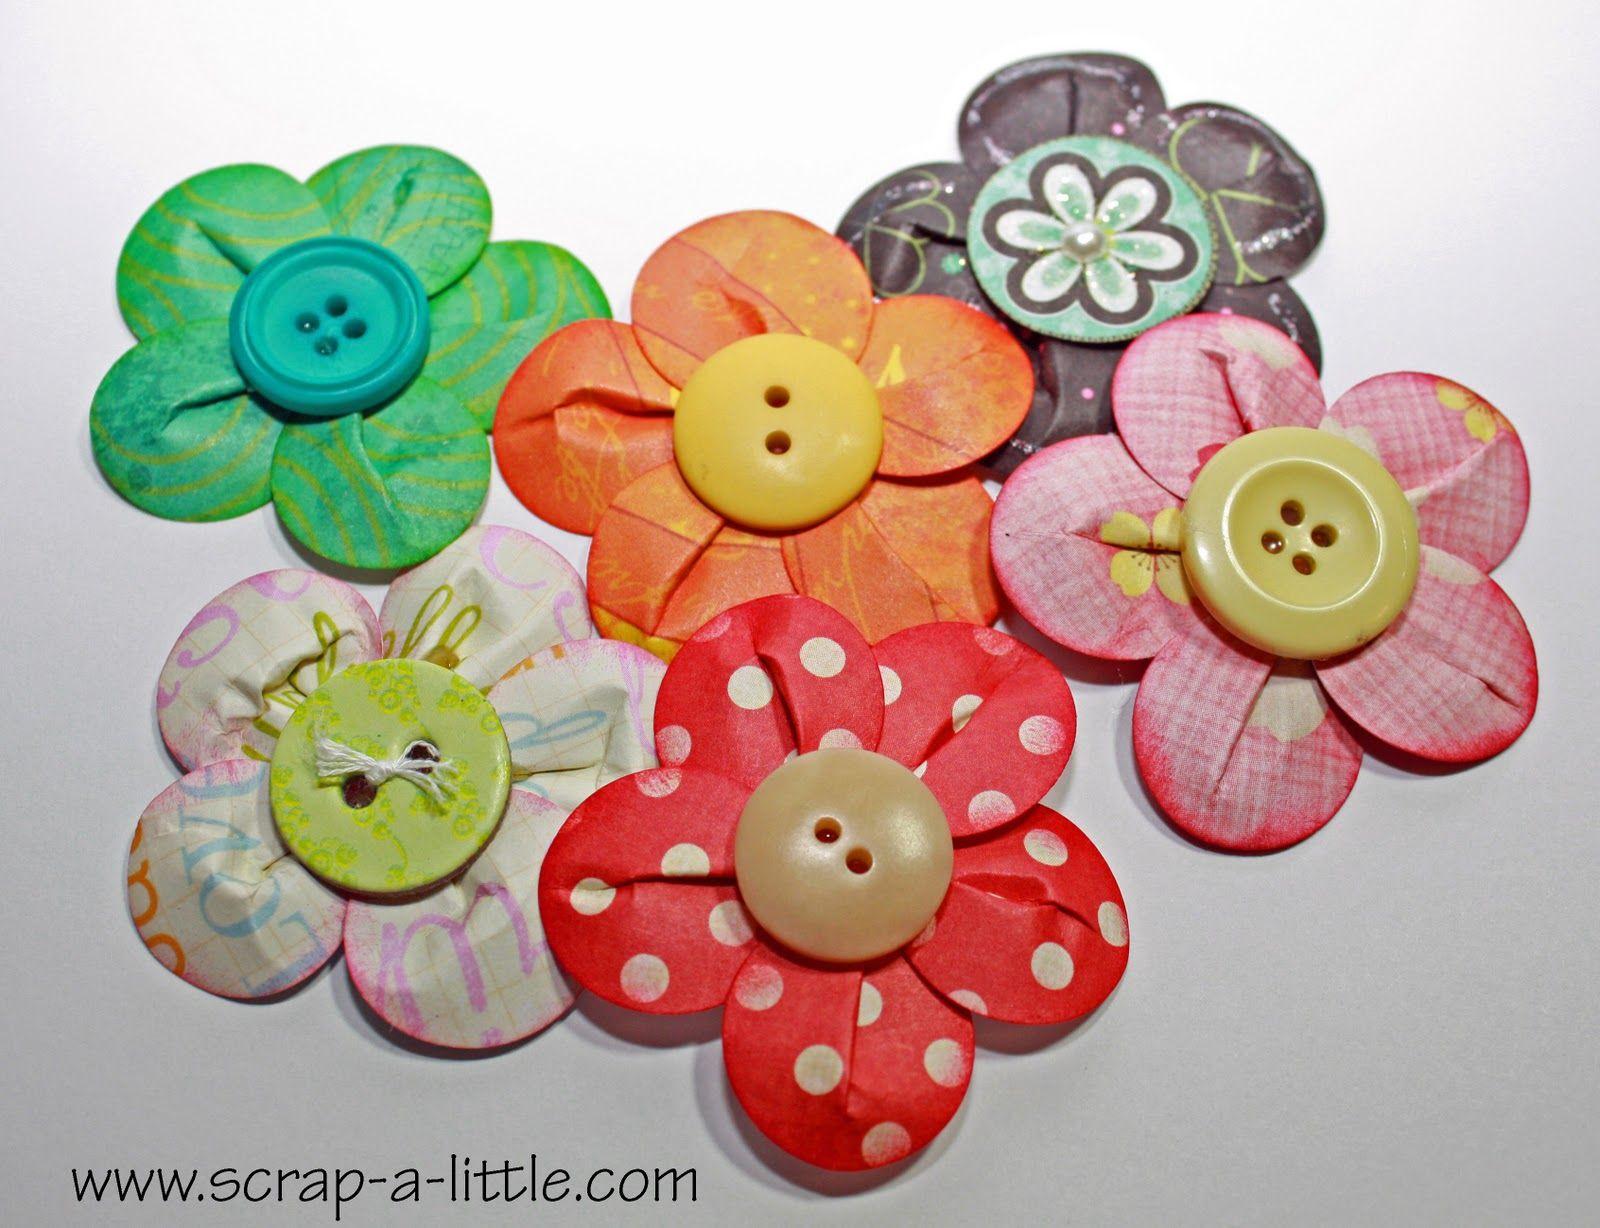 Button homemade flowers crafty stuff pinterest homemade button homemade flowers mightylinksfo